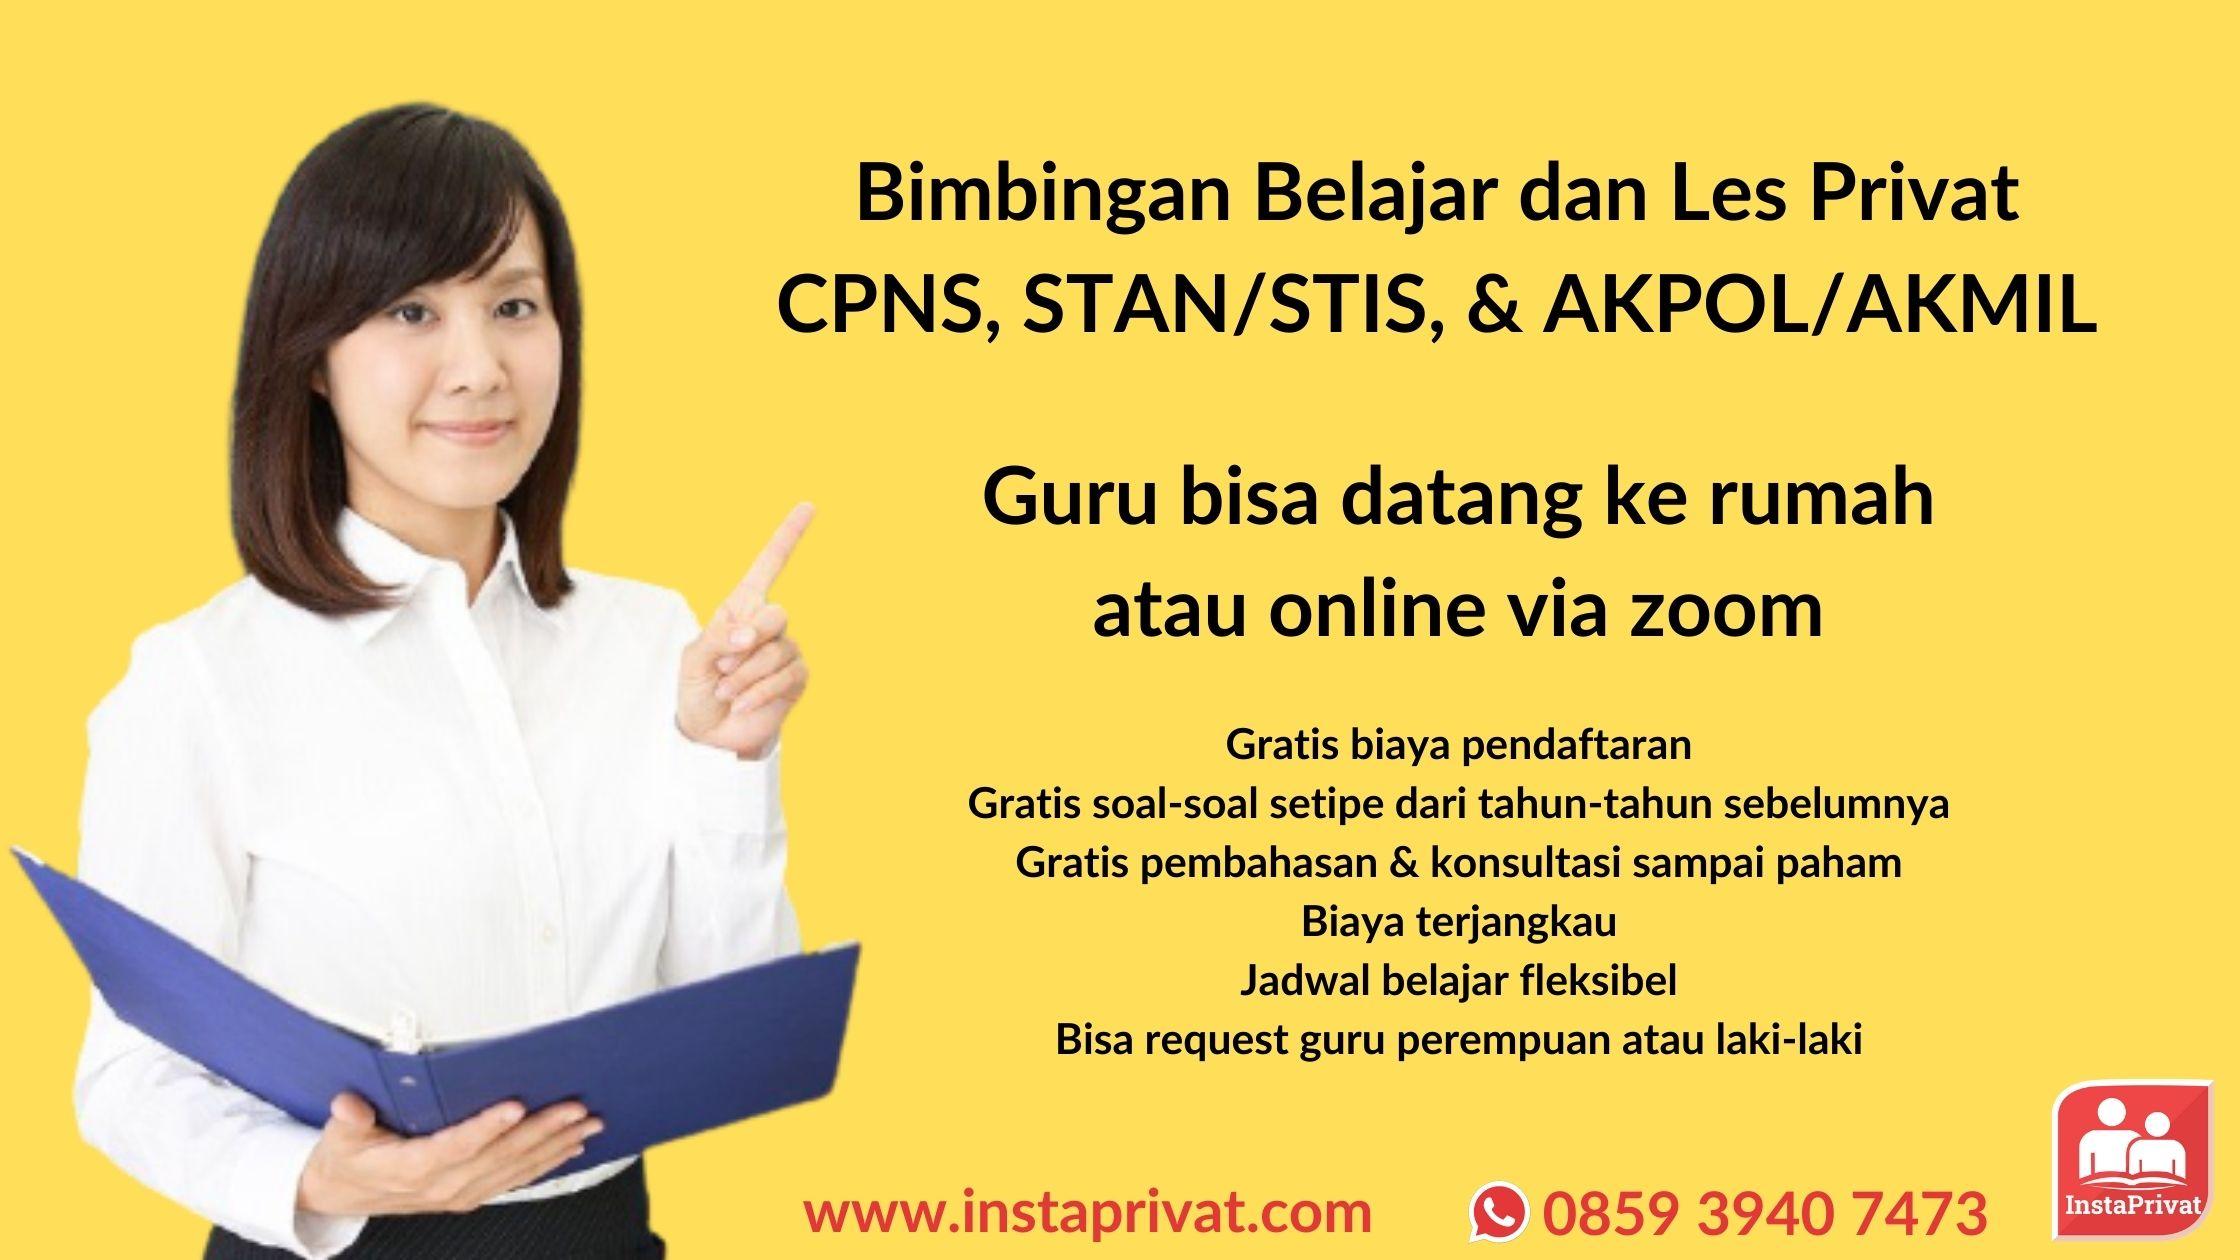 les privat CPNS, STAN, STIS, Akpol, Akmil